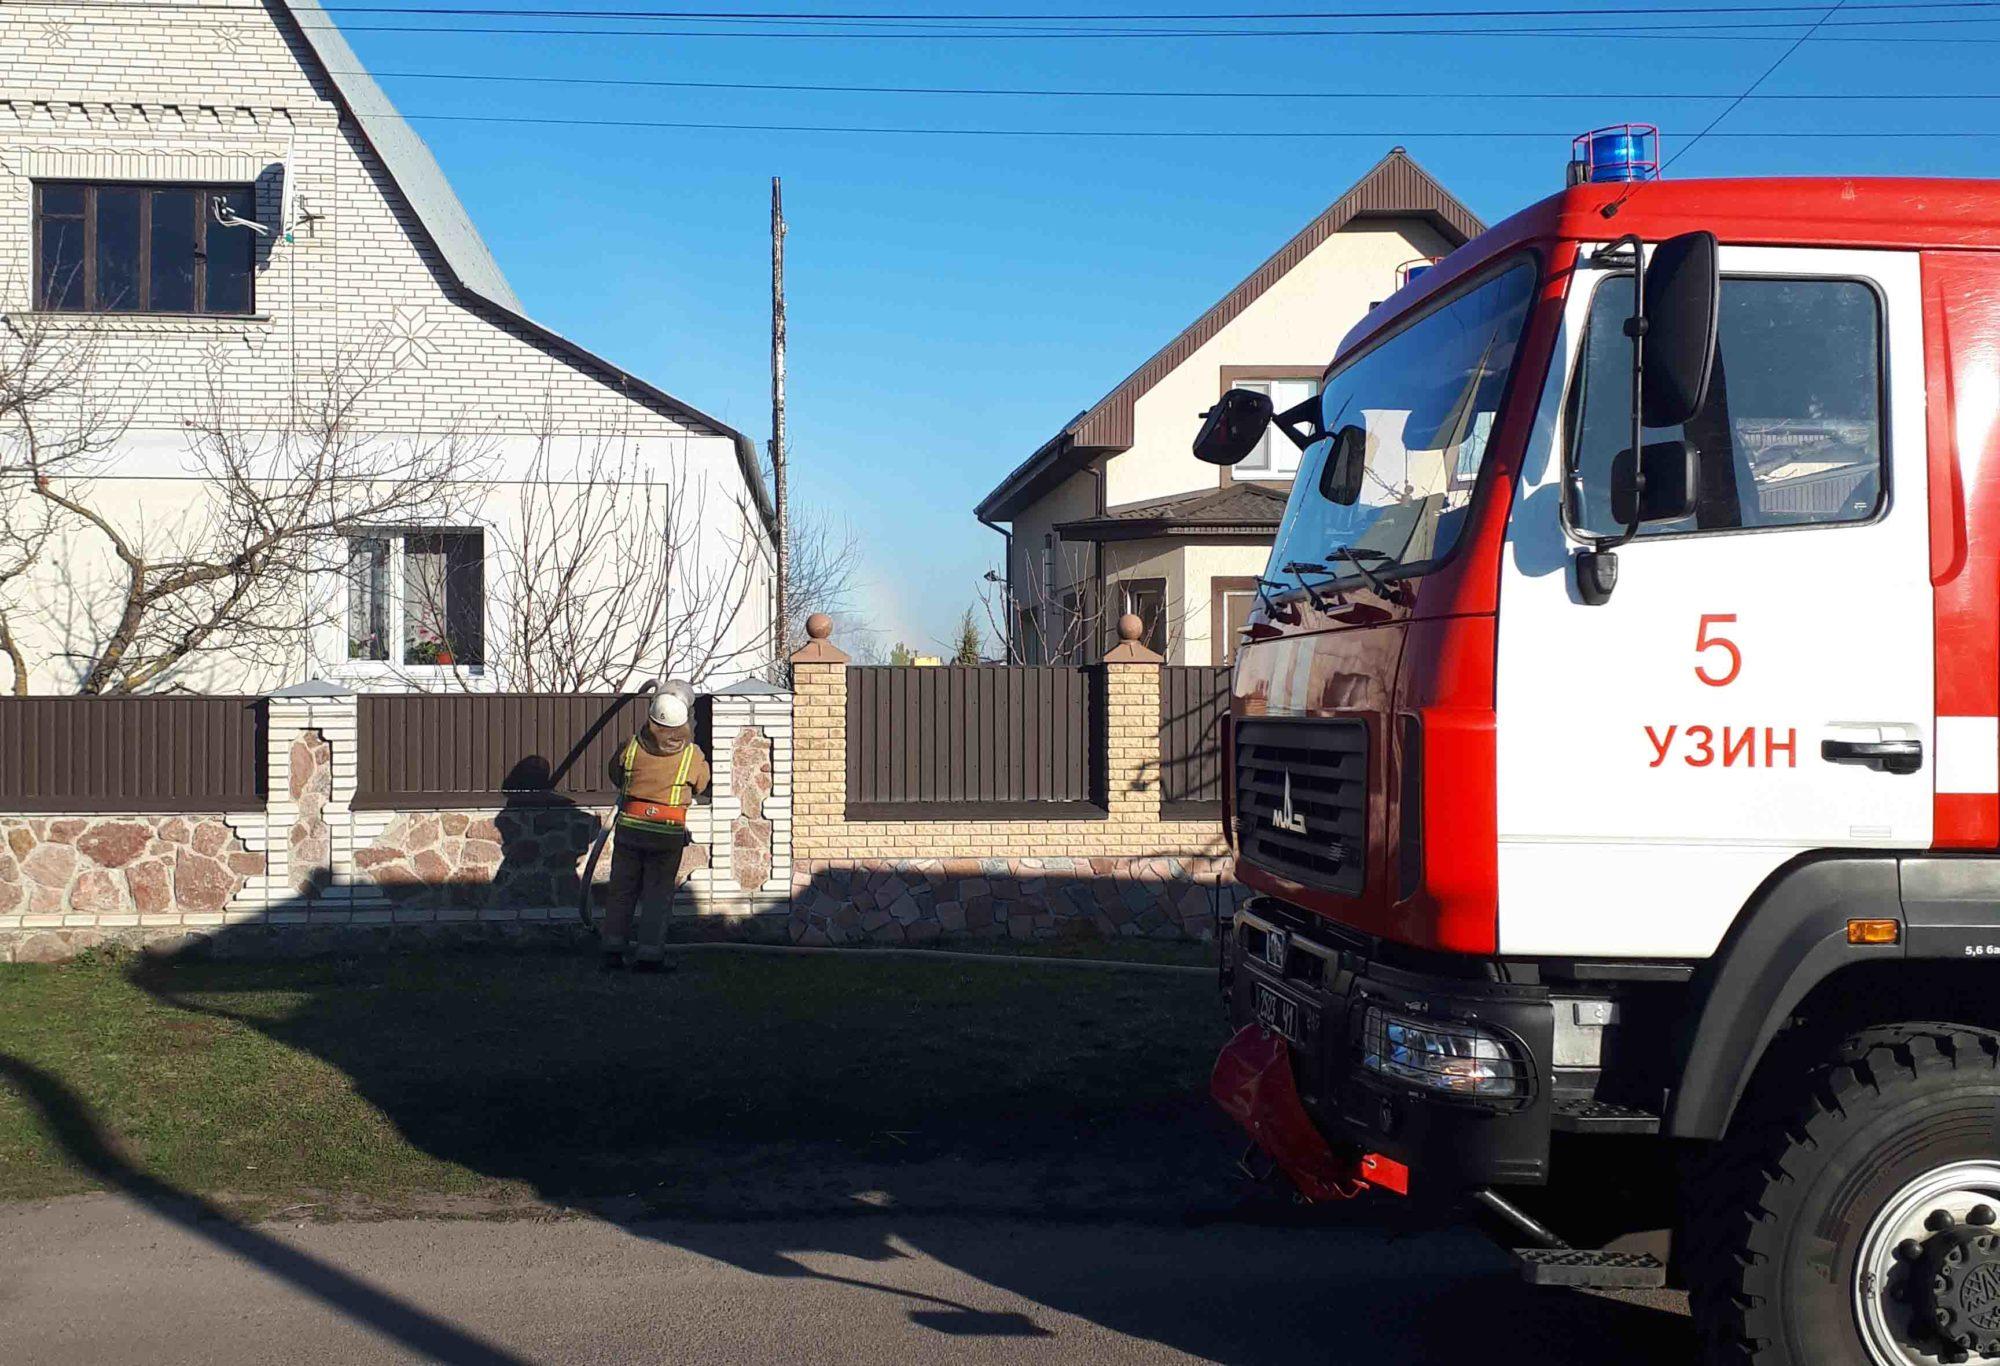 В Узині загорівся будинок - Узин, ДСНС, Білоцерківський район - 20190402 081559 2000x1366